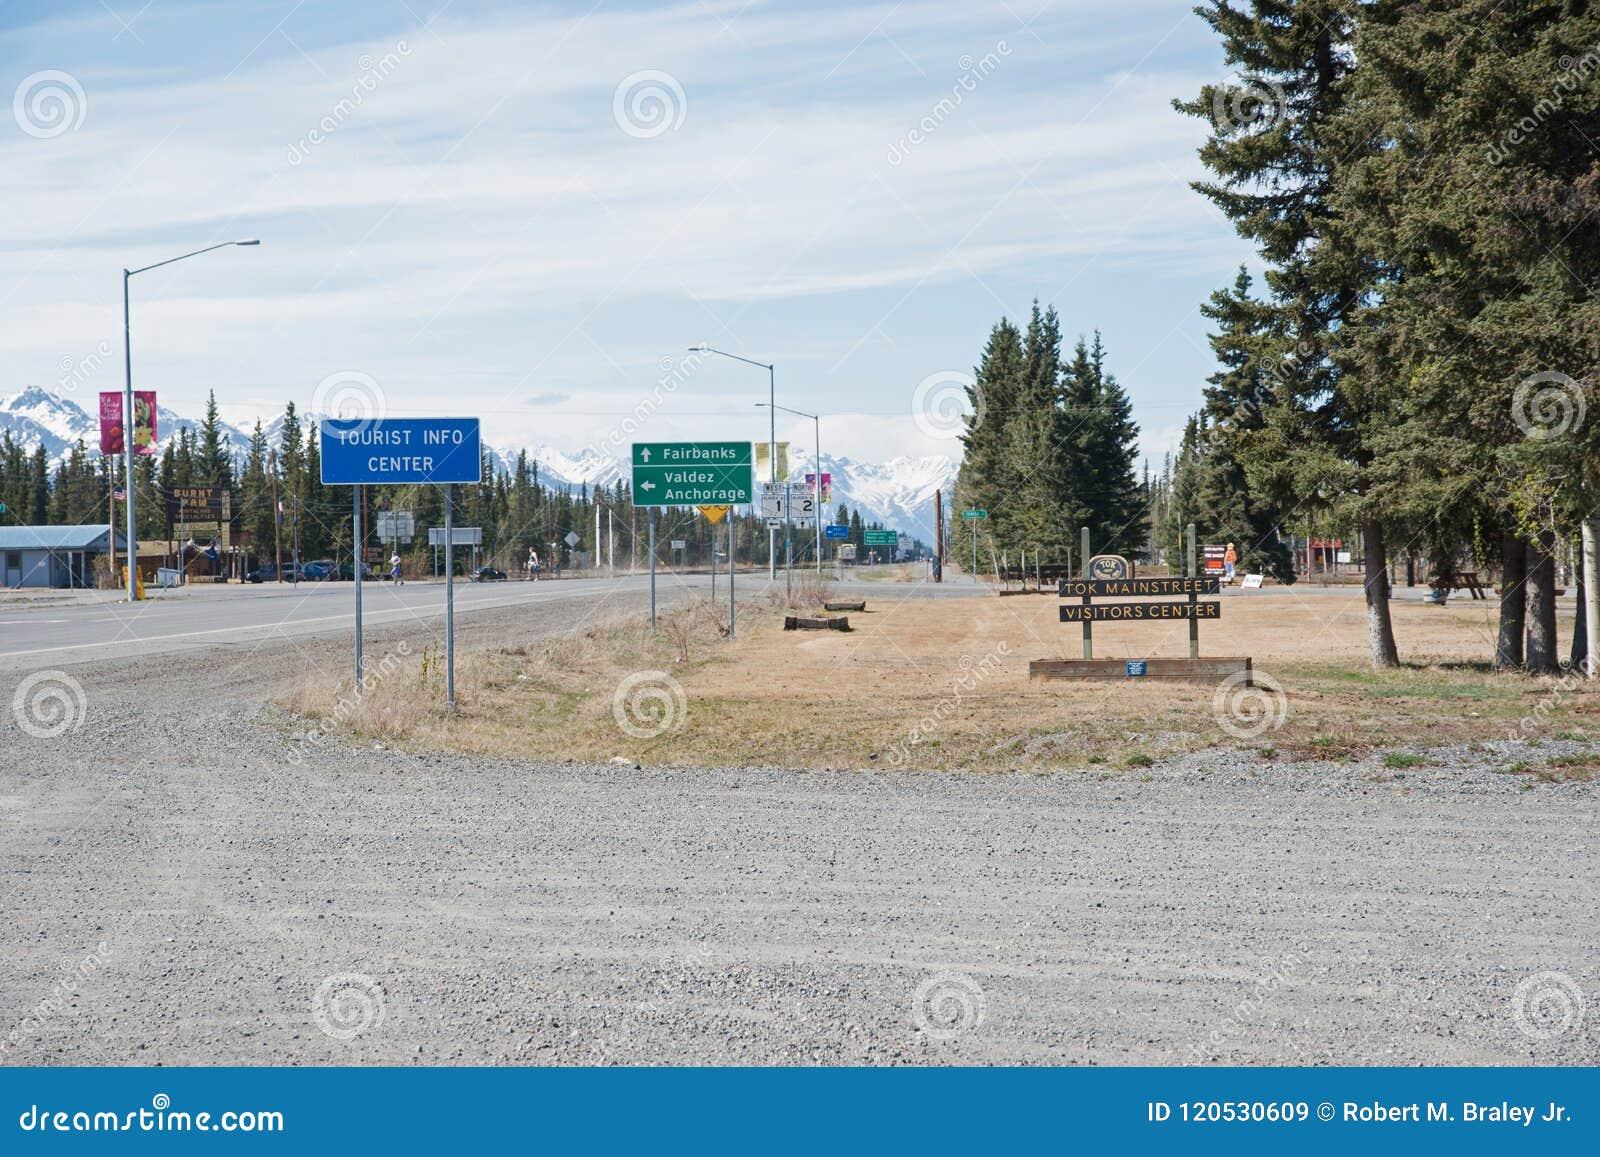 Tok Alaska Highway